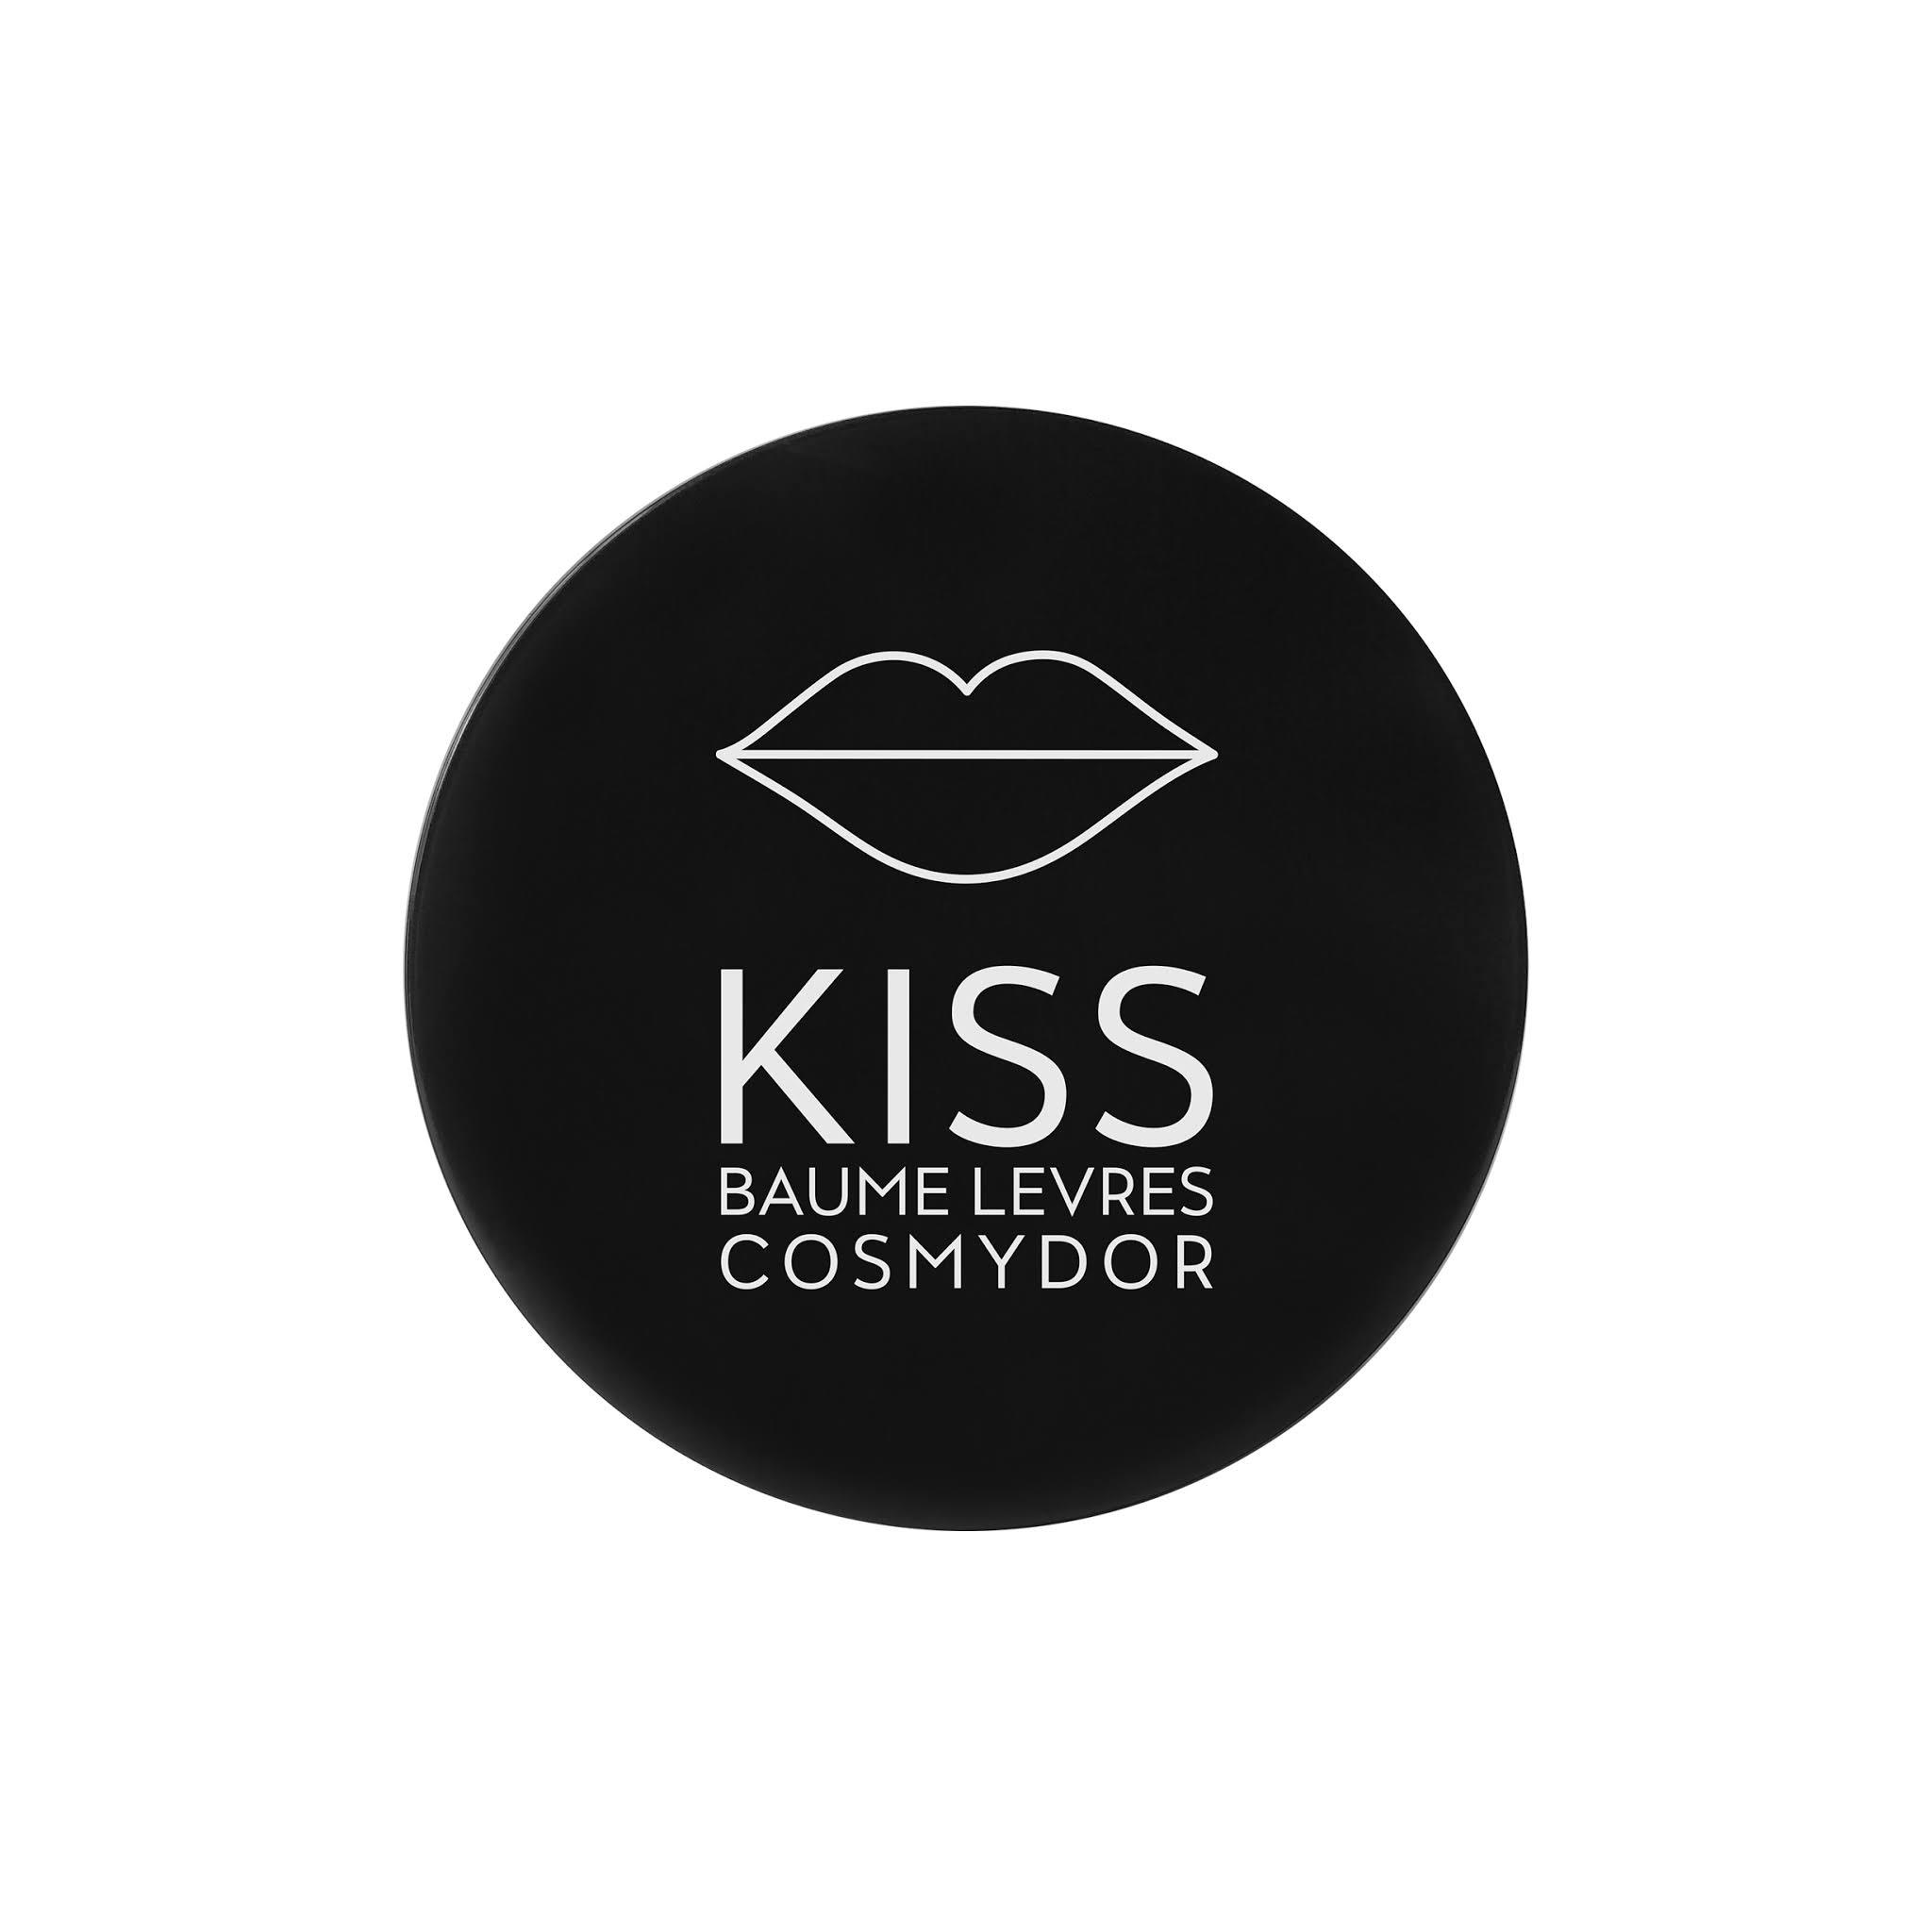 Cosmydor Kiss baume lèvres